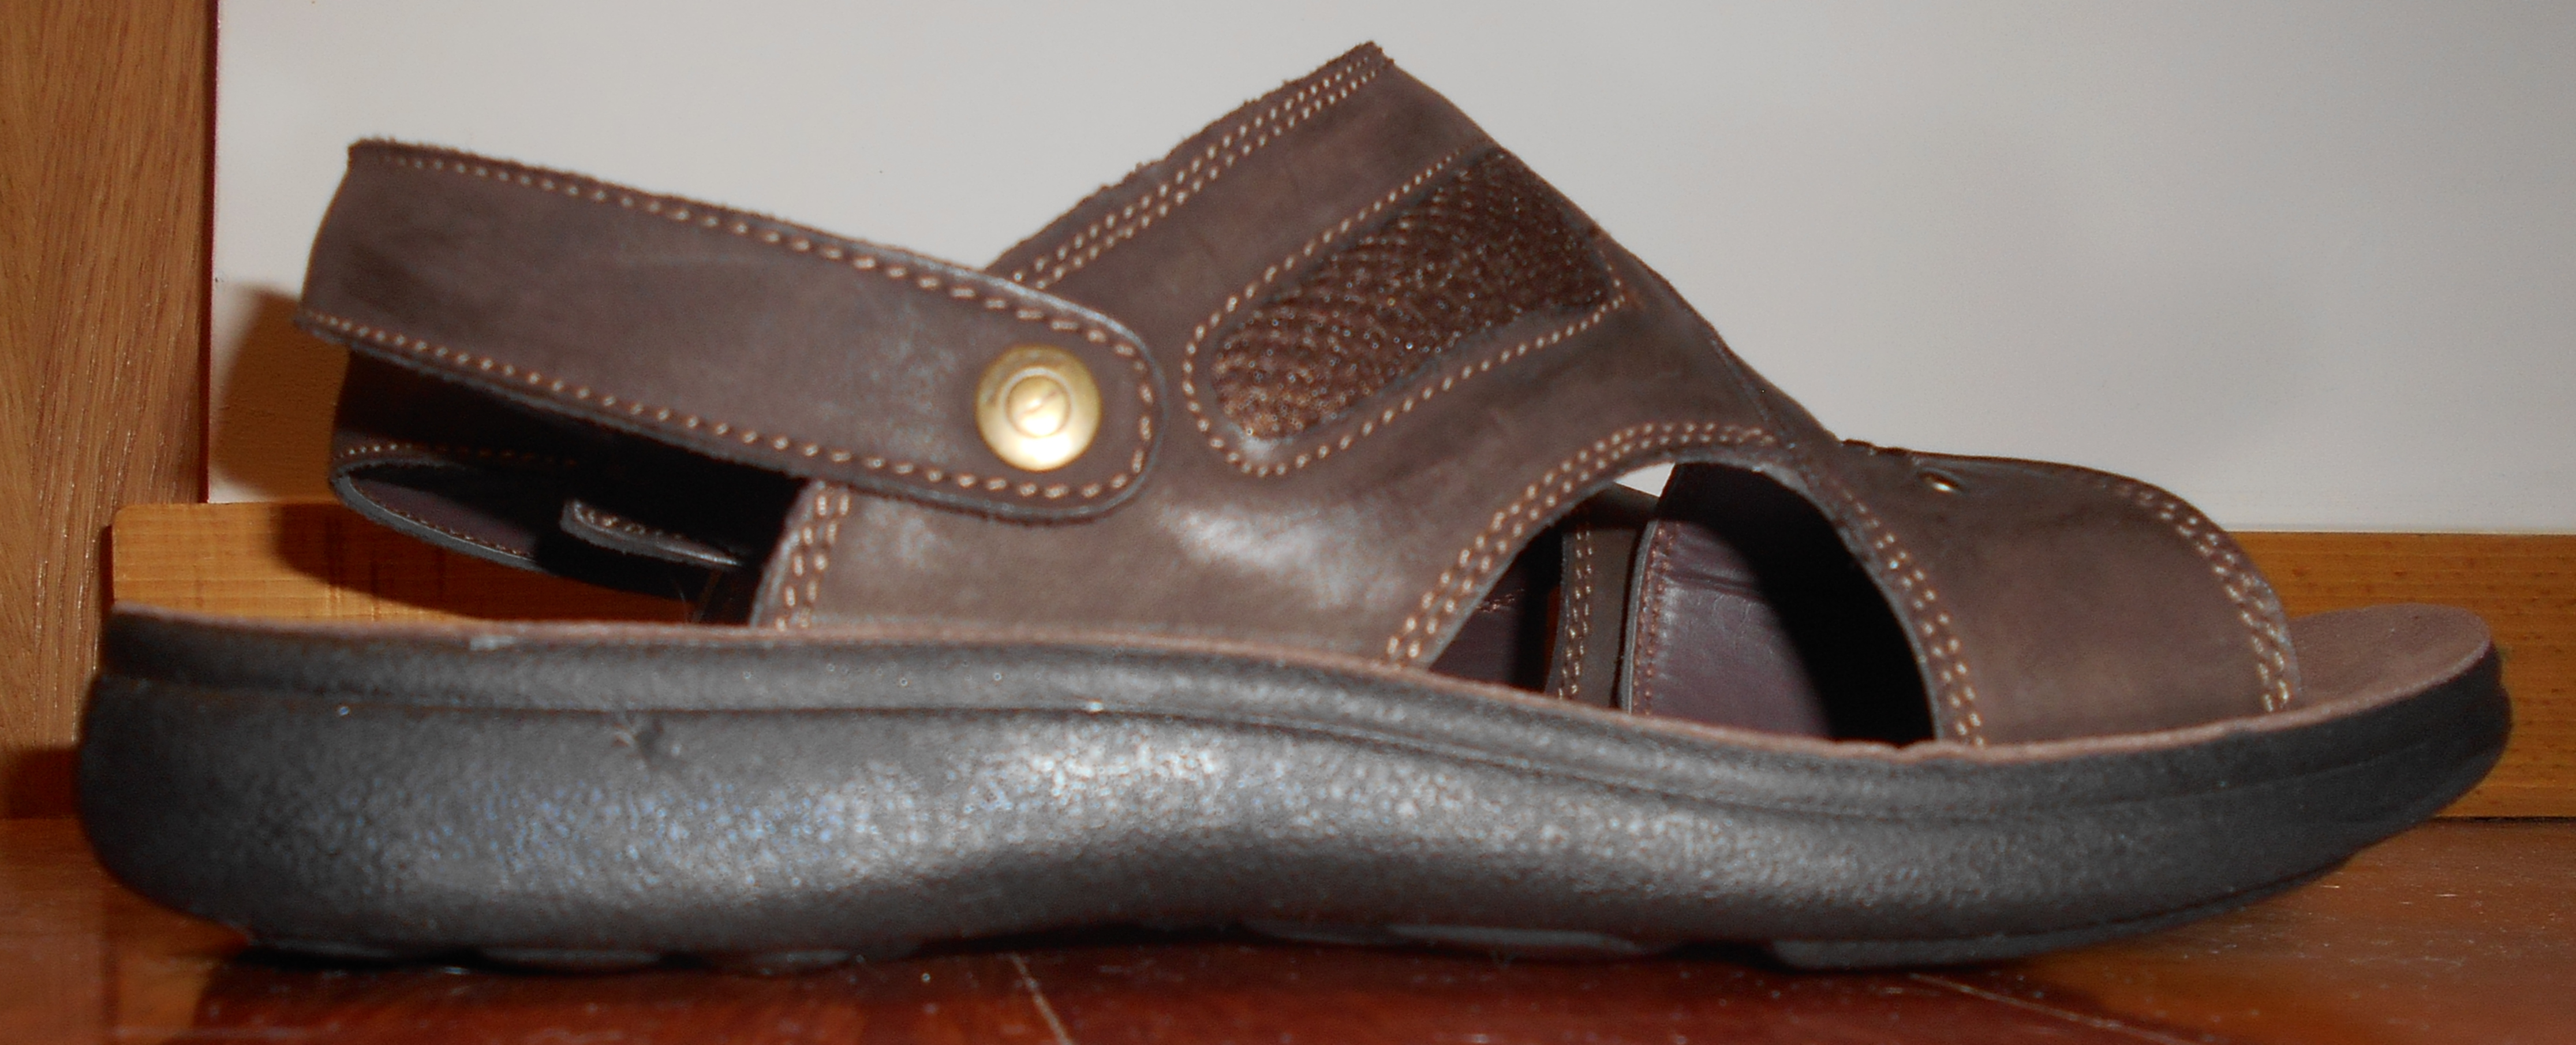 Saltar-Sandalia apropiada al ir sujeta al tobillo, ser de material natural y con una suela de suficiente grosor. Foto bajo licencia Creative Commons, de Filosofía Natural.